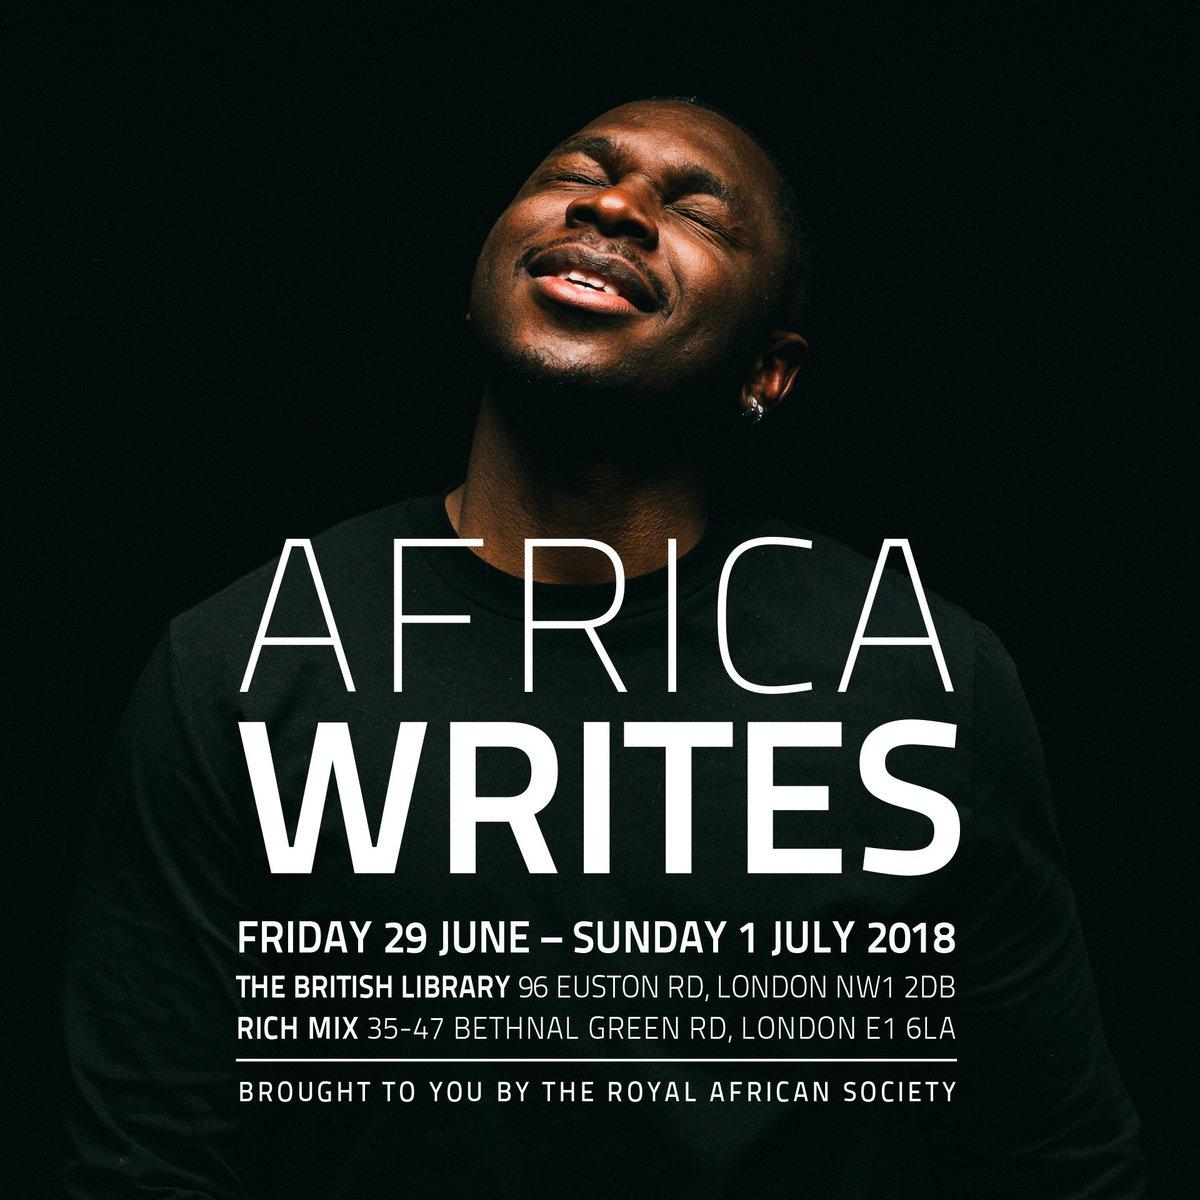 Image: Africa Writes.